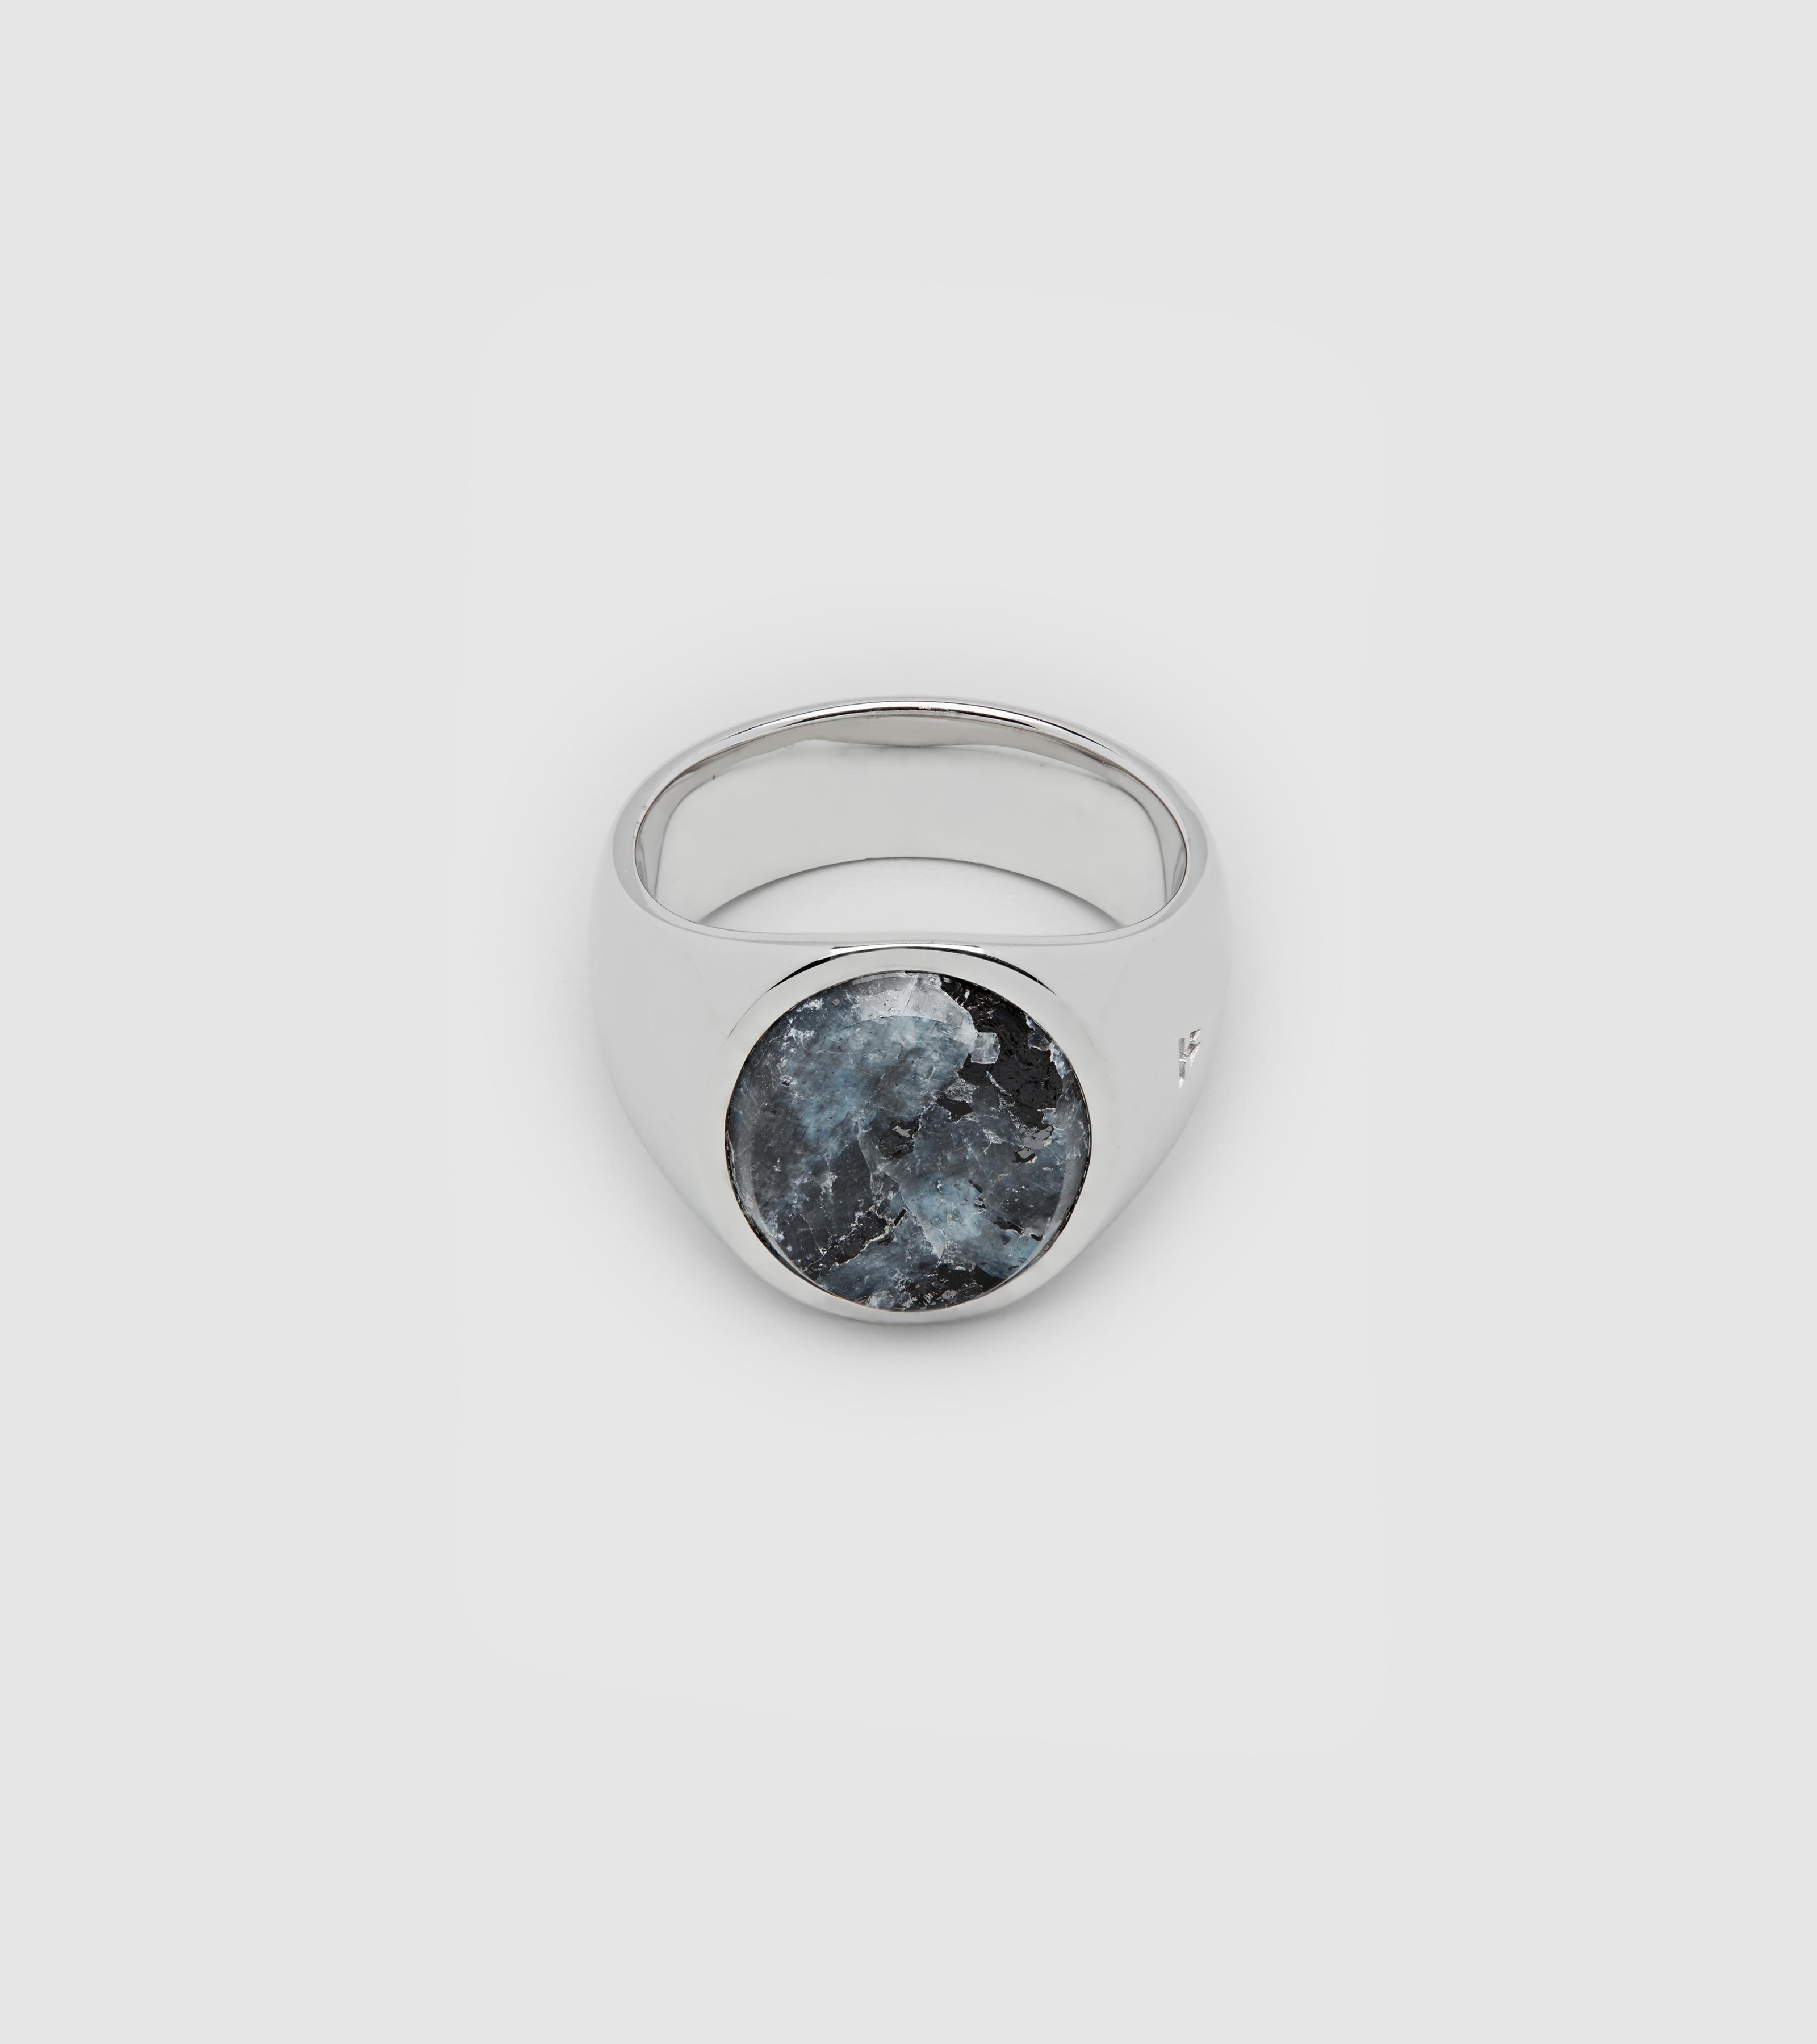 Oval Larvikite